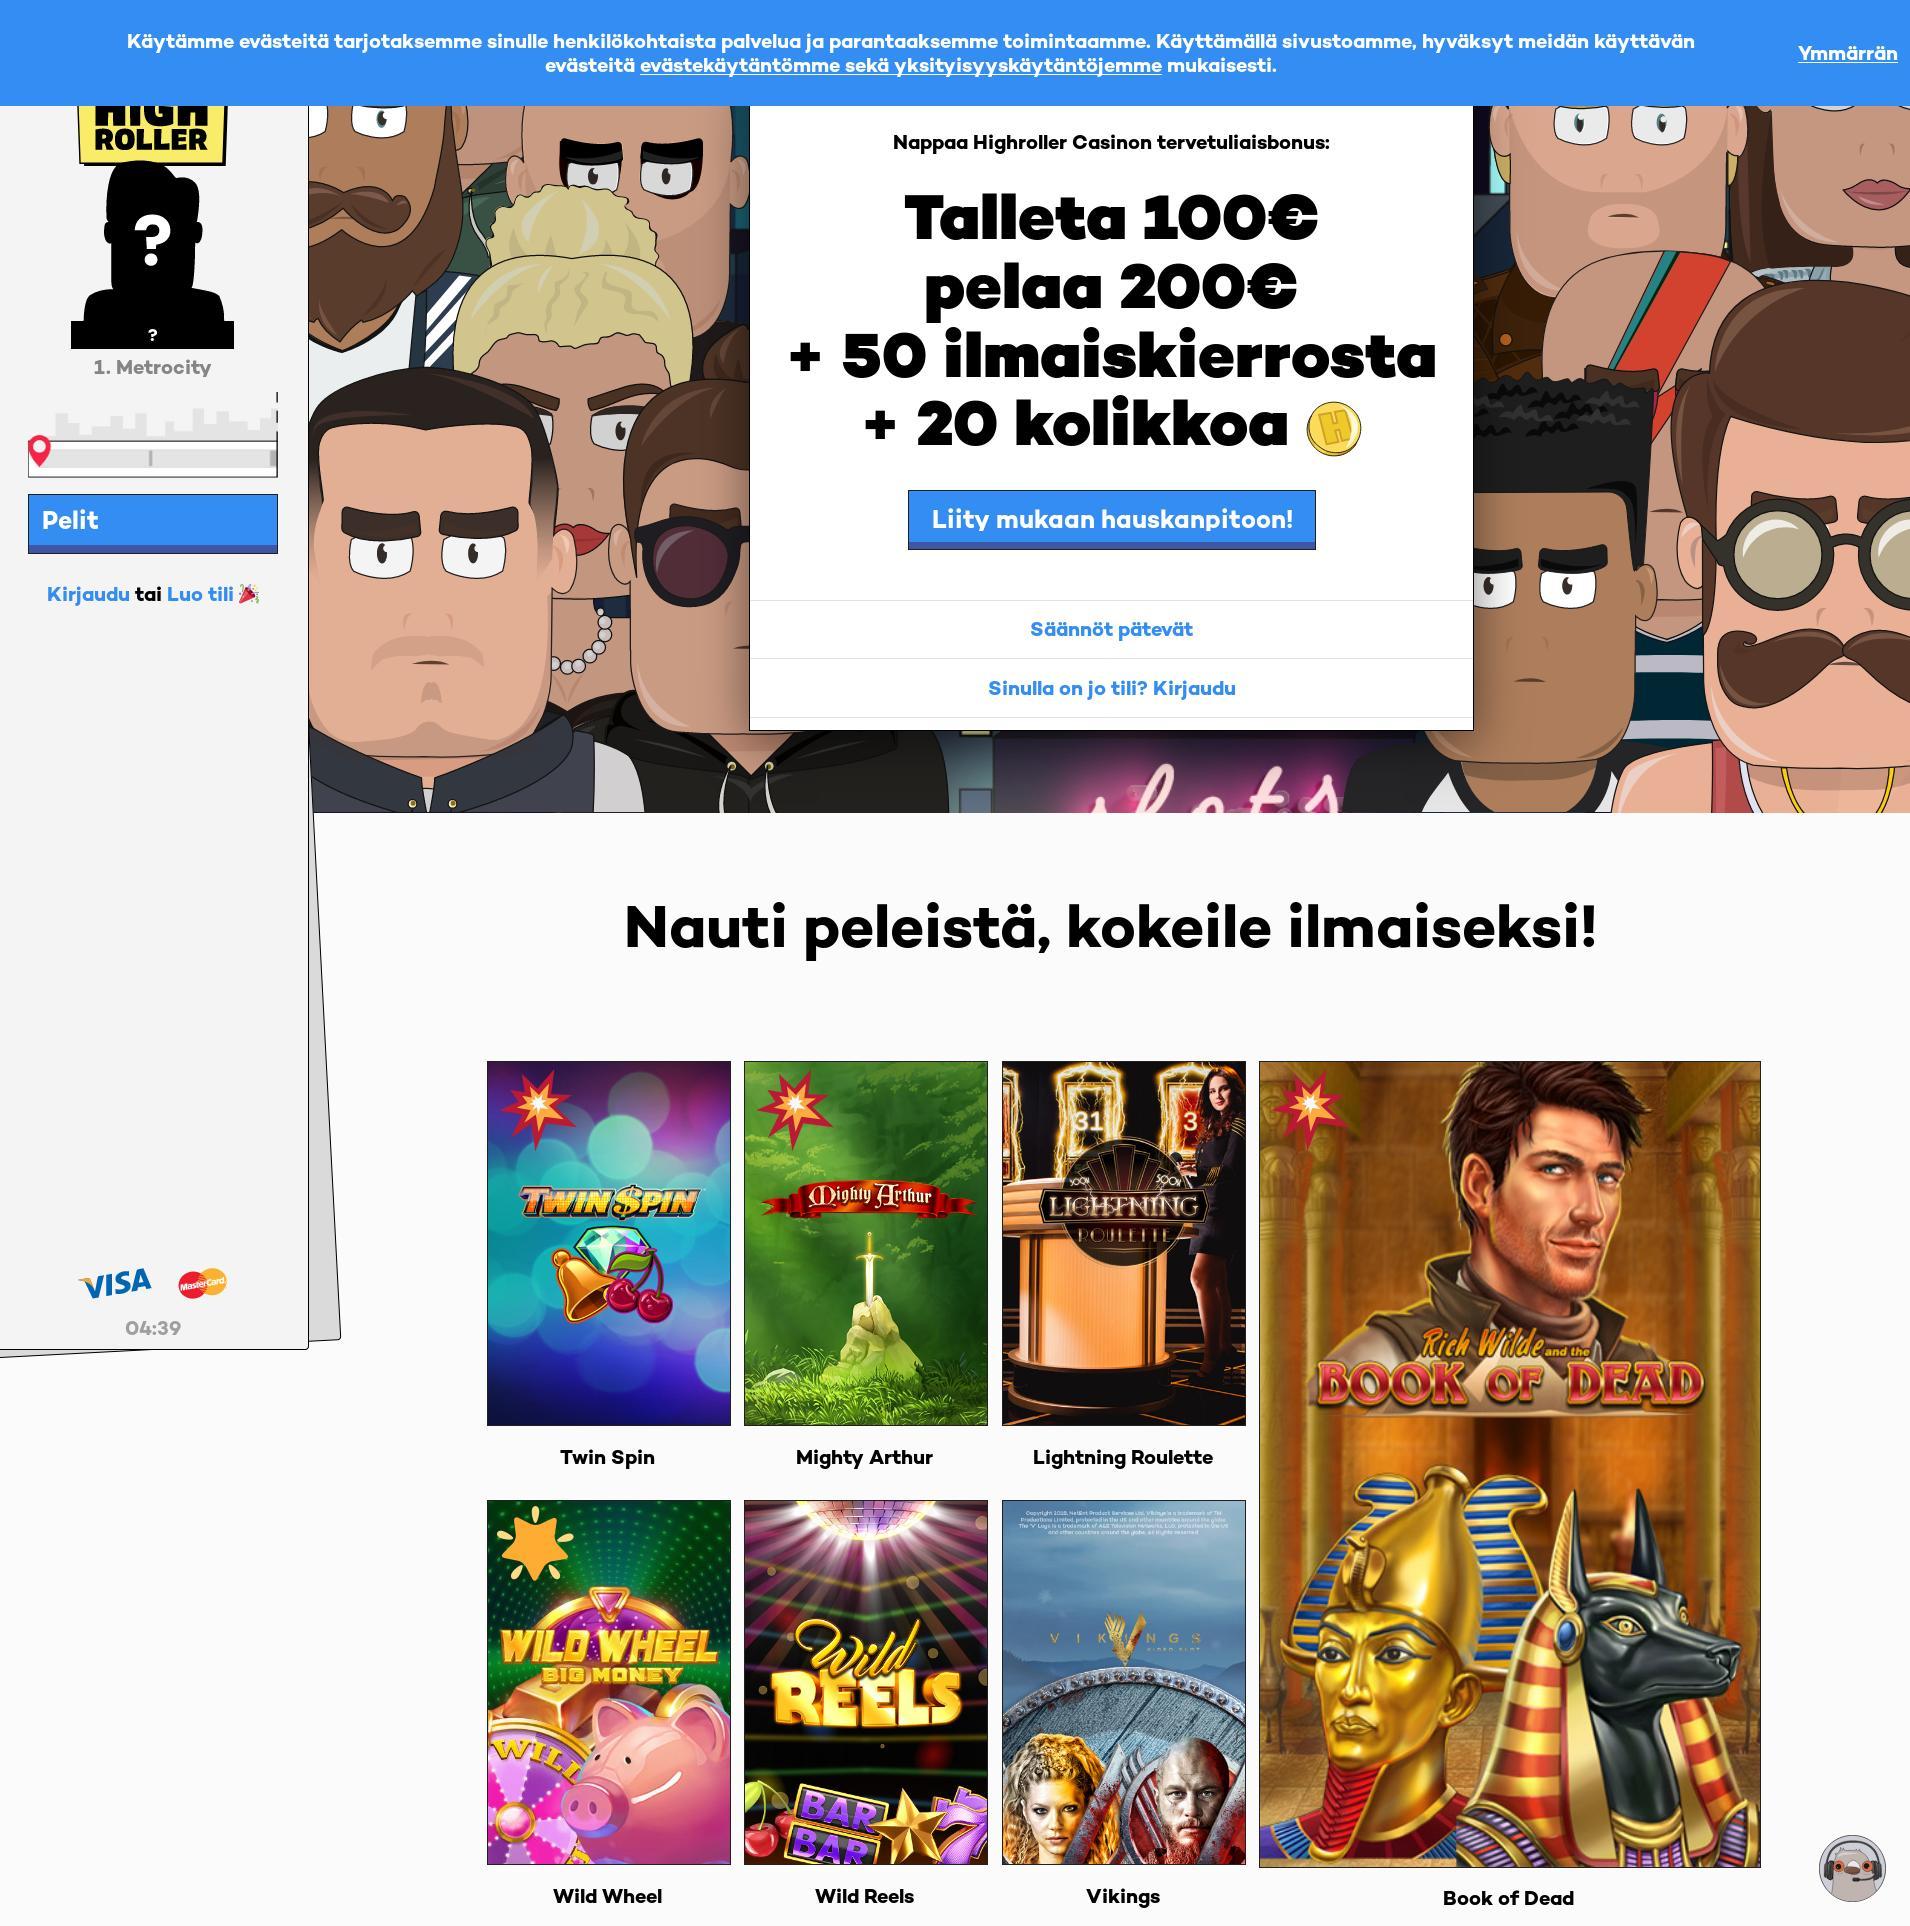 Casino skärm Lobby 2019-10-15 för finland